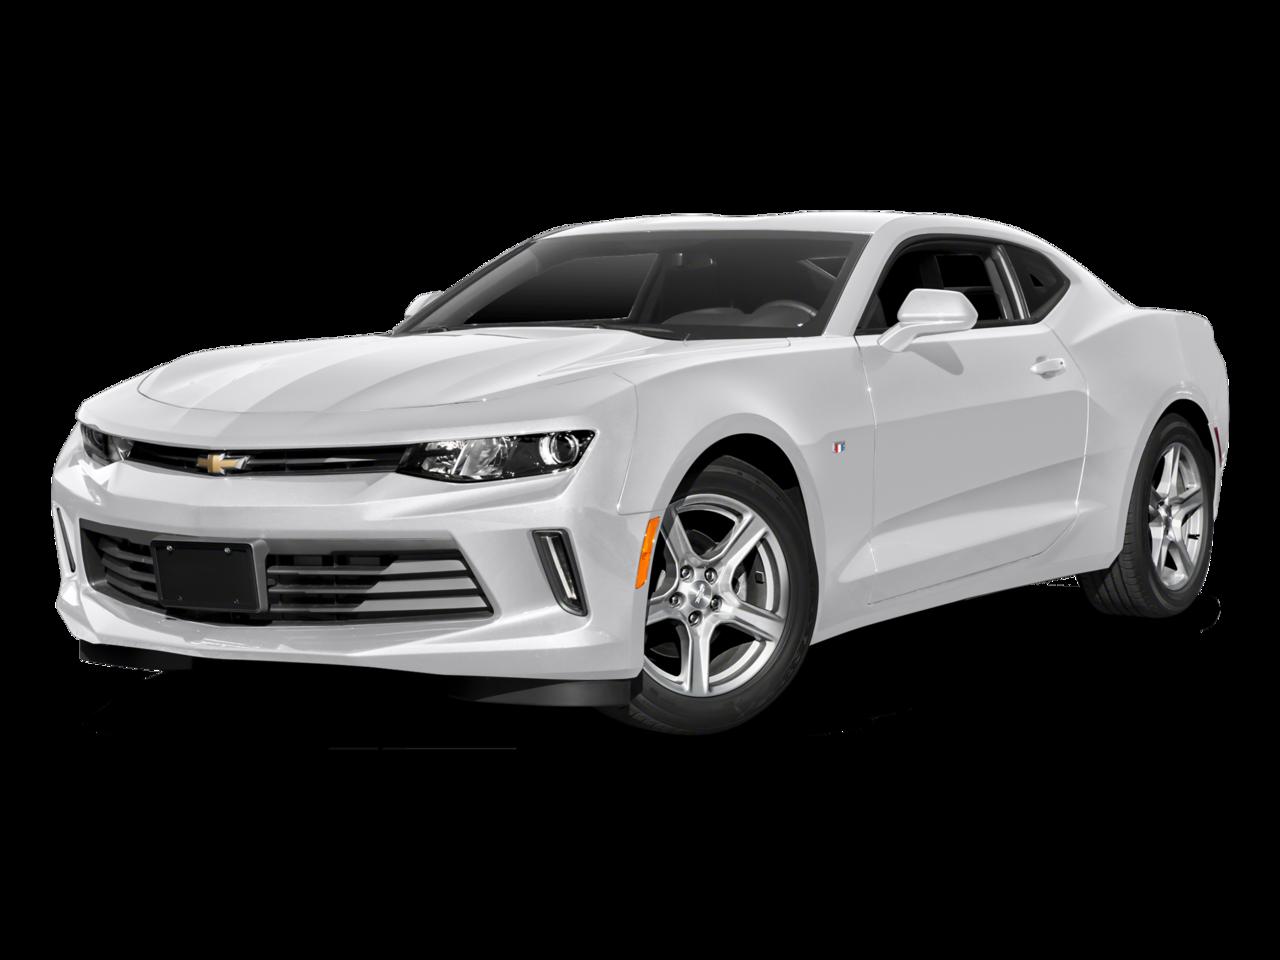 Mccarthy Chevrolet Olathe >> McCarthy Chevrolet Olathe | New & Used Car Dealer - Kansas ...